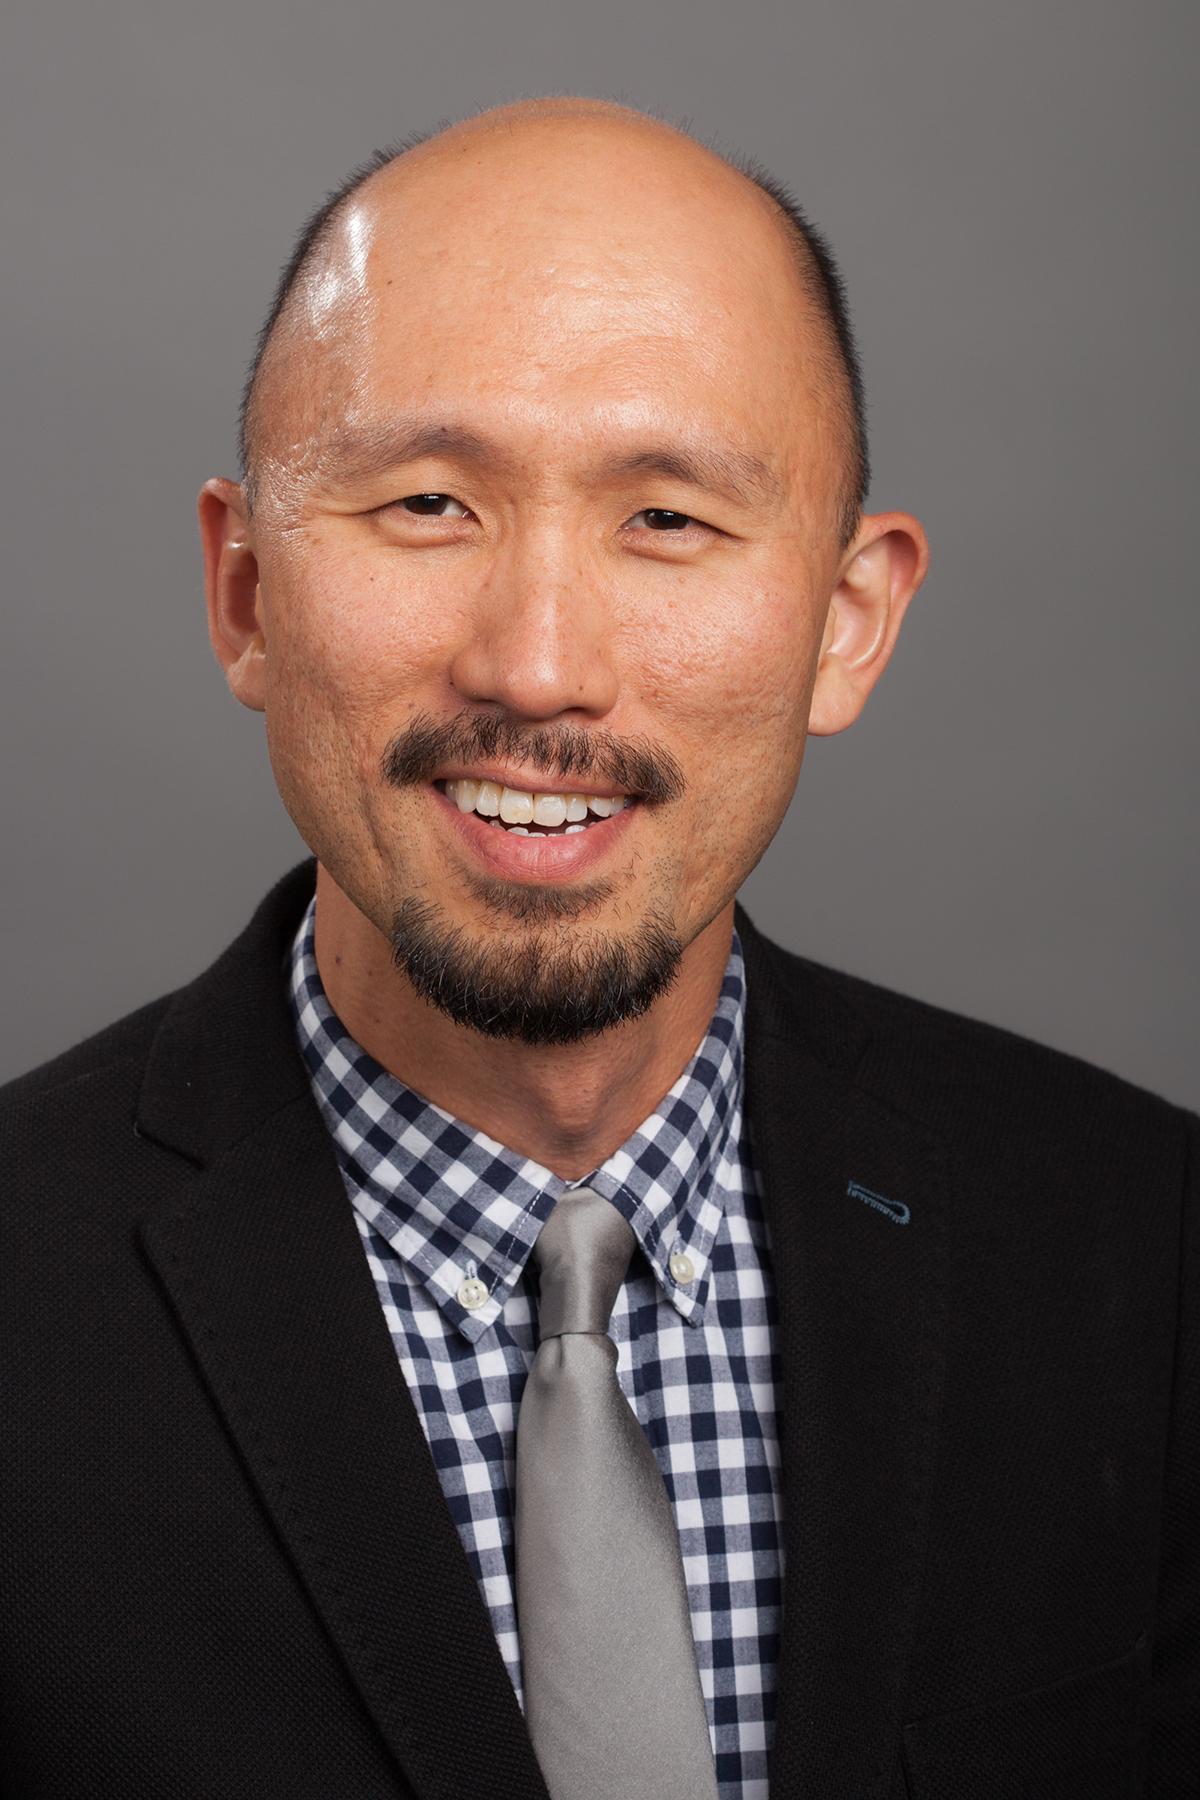 profile image for Phillip Kim